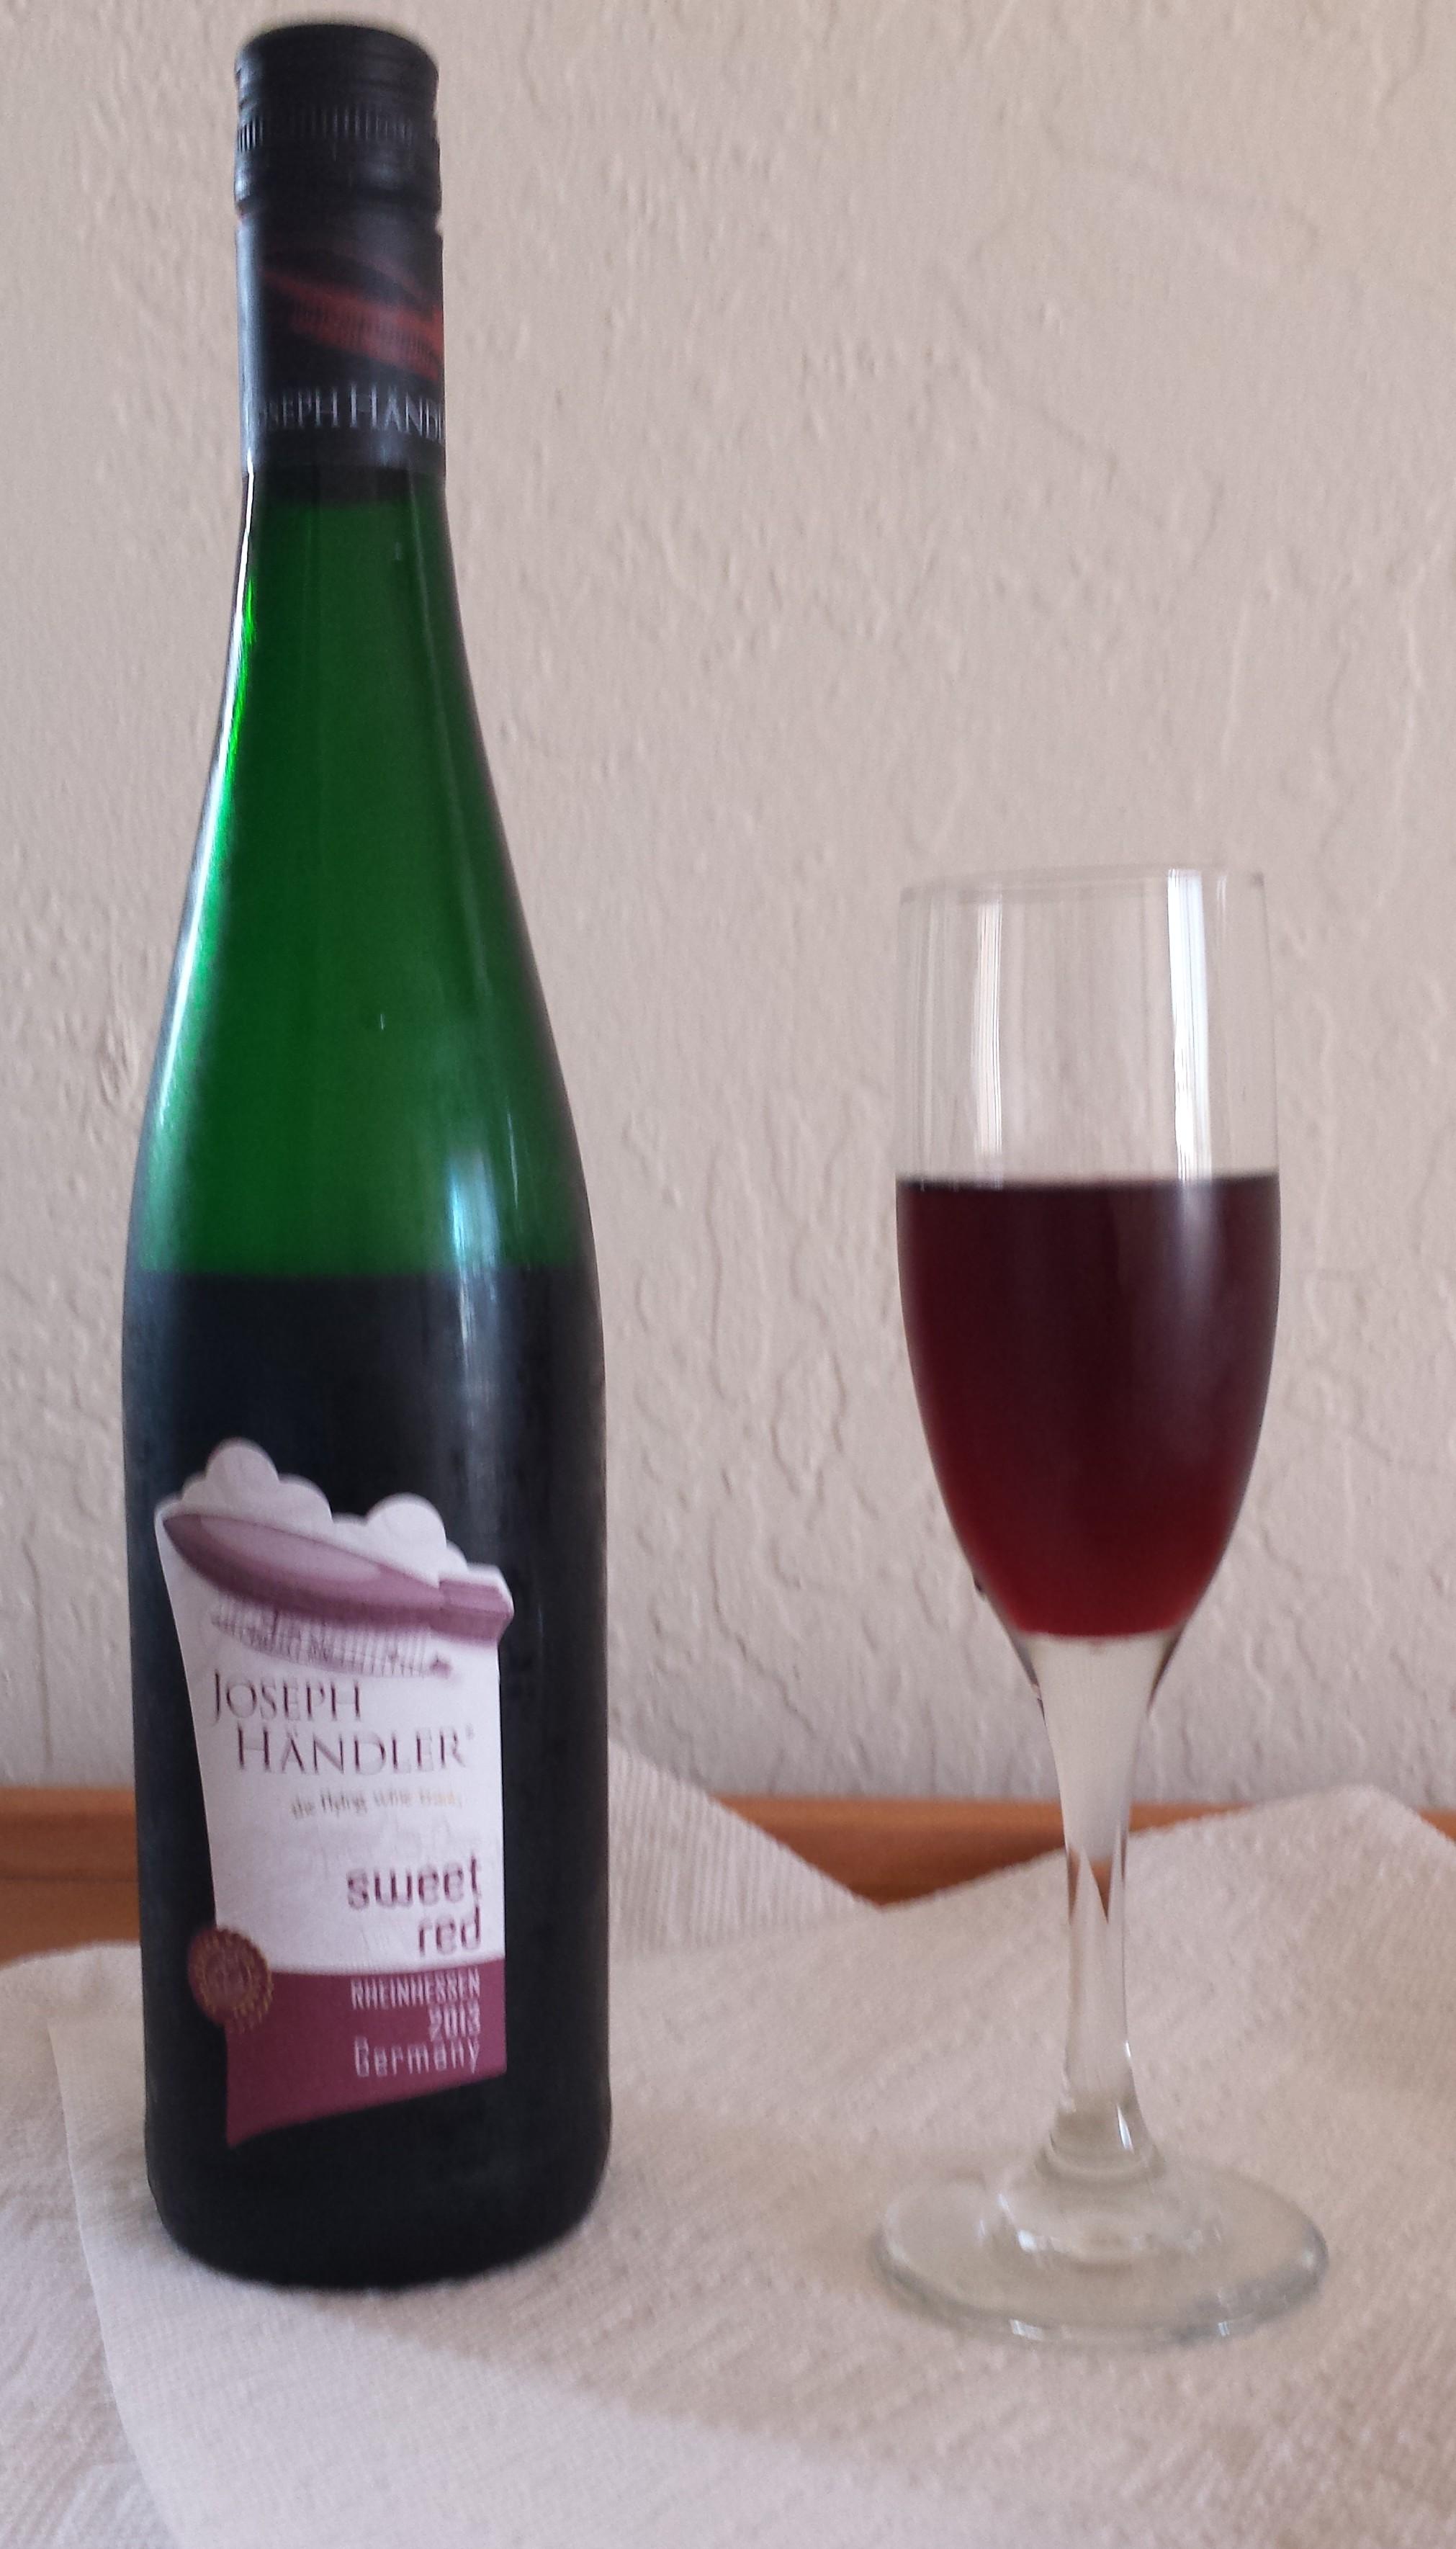 Rhenish Rhine Wine